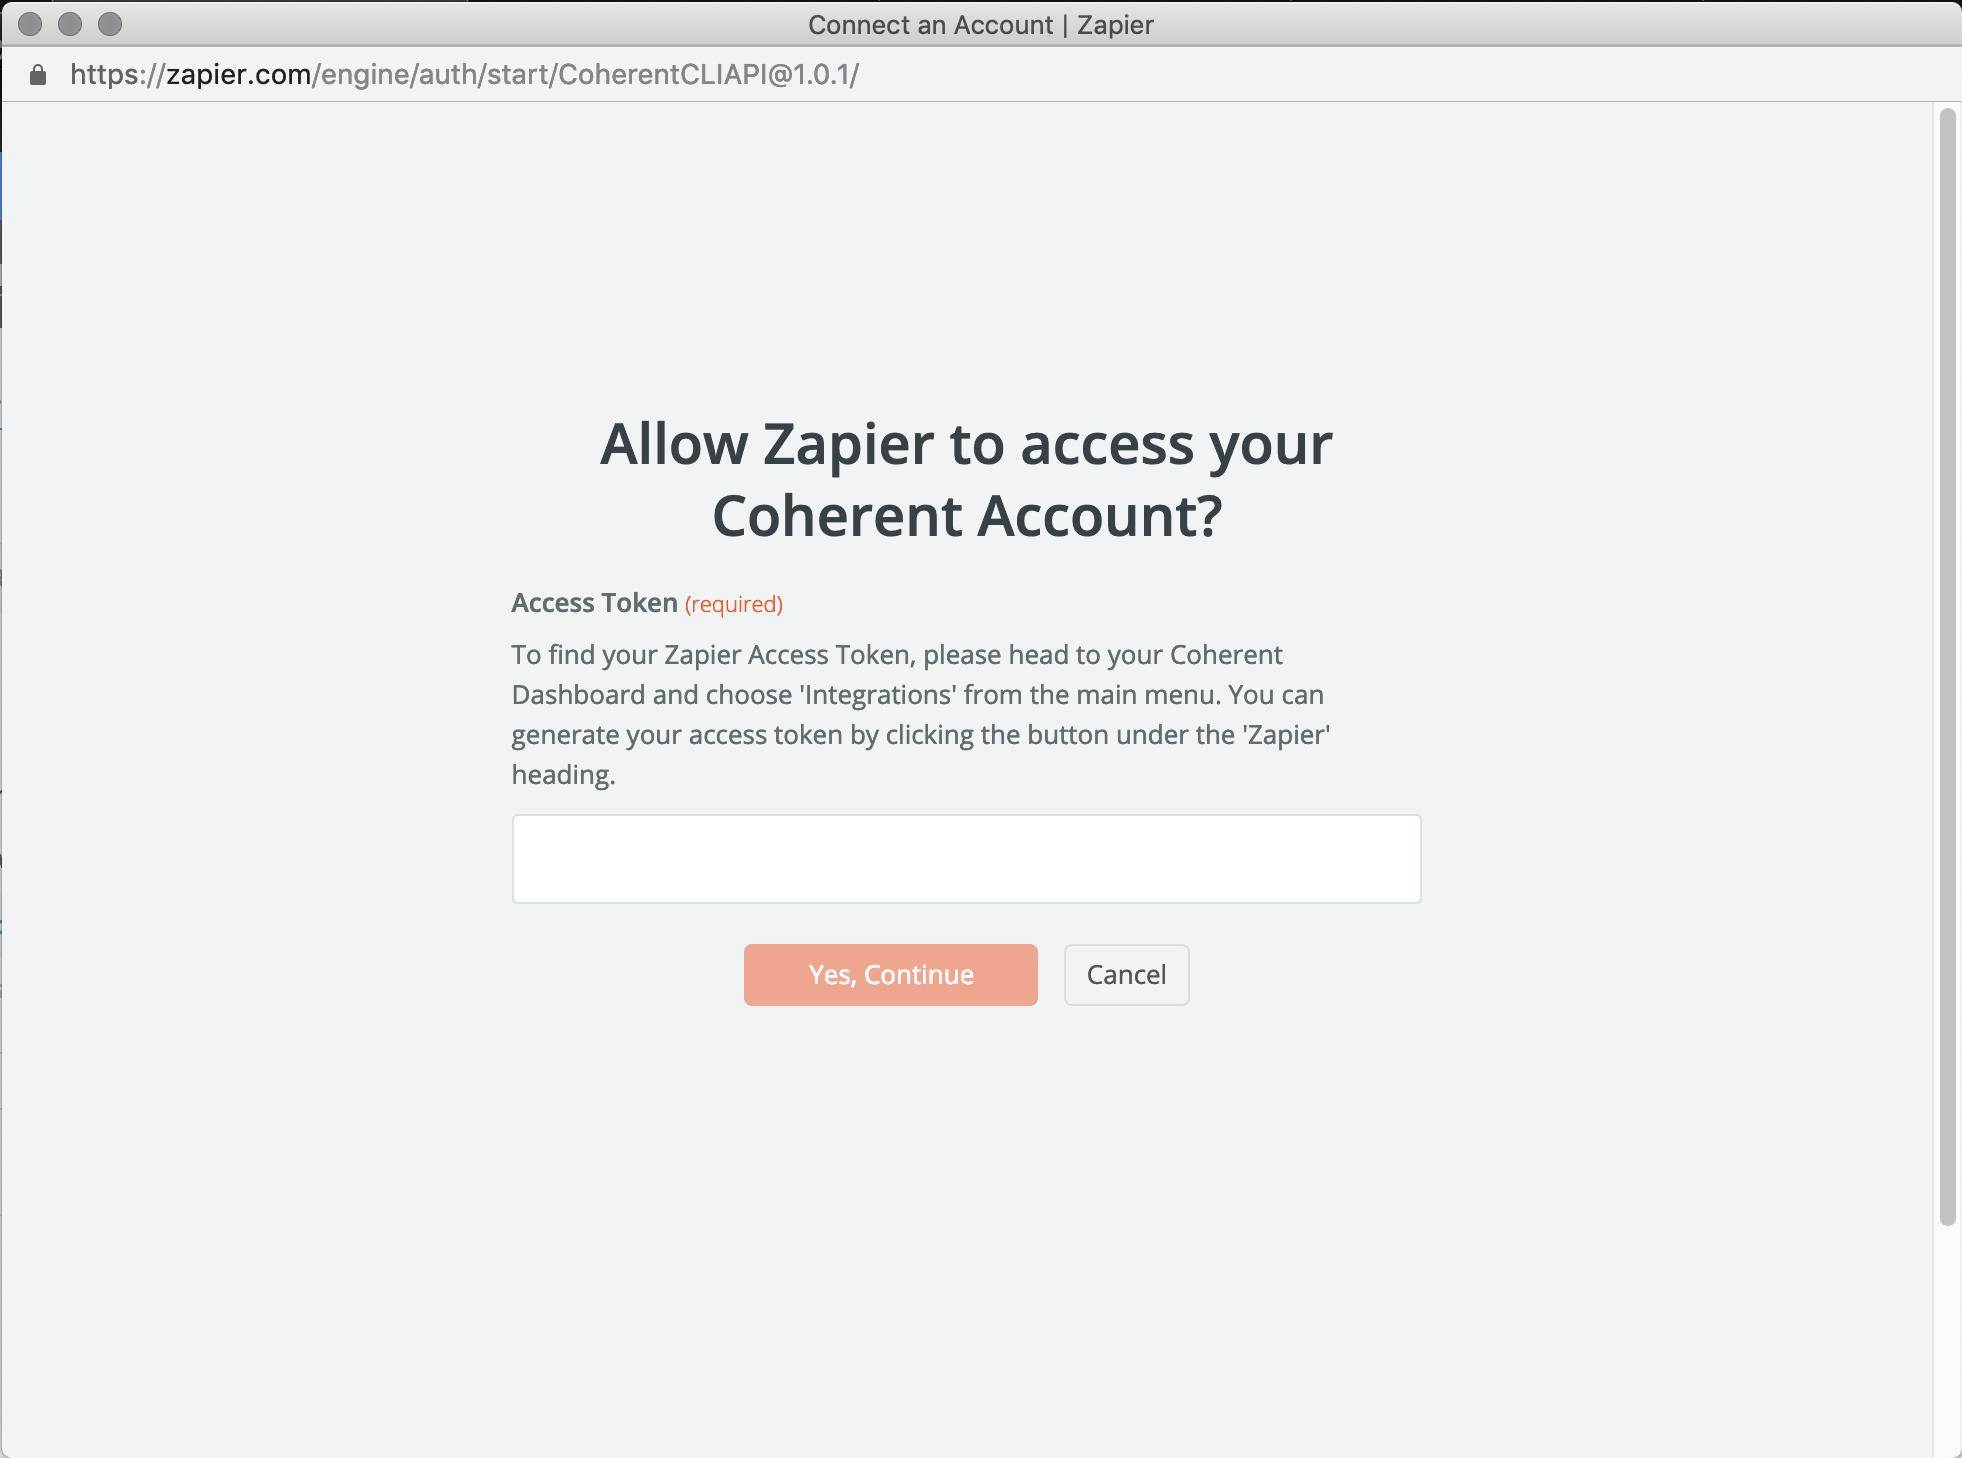 Coherent API Key